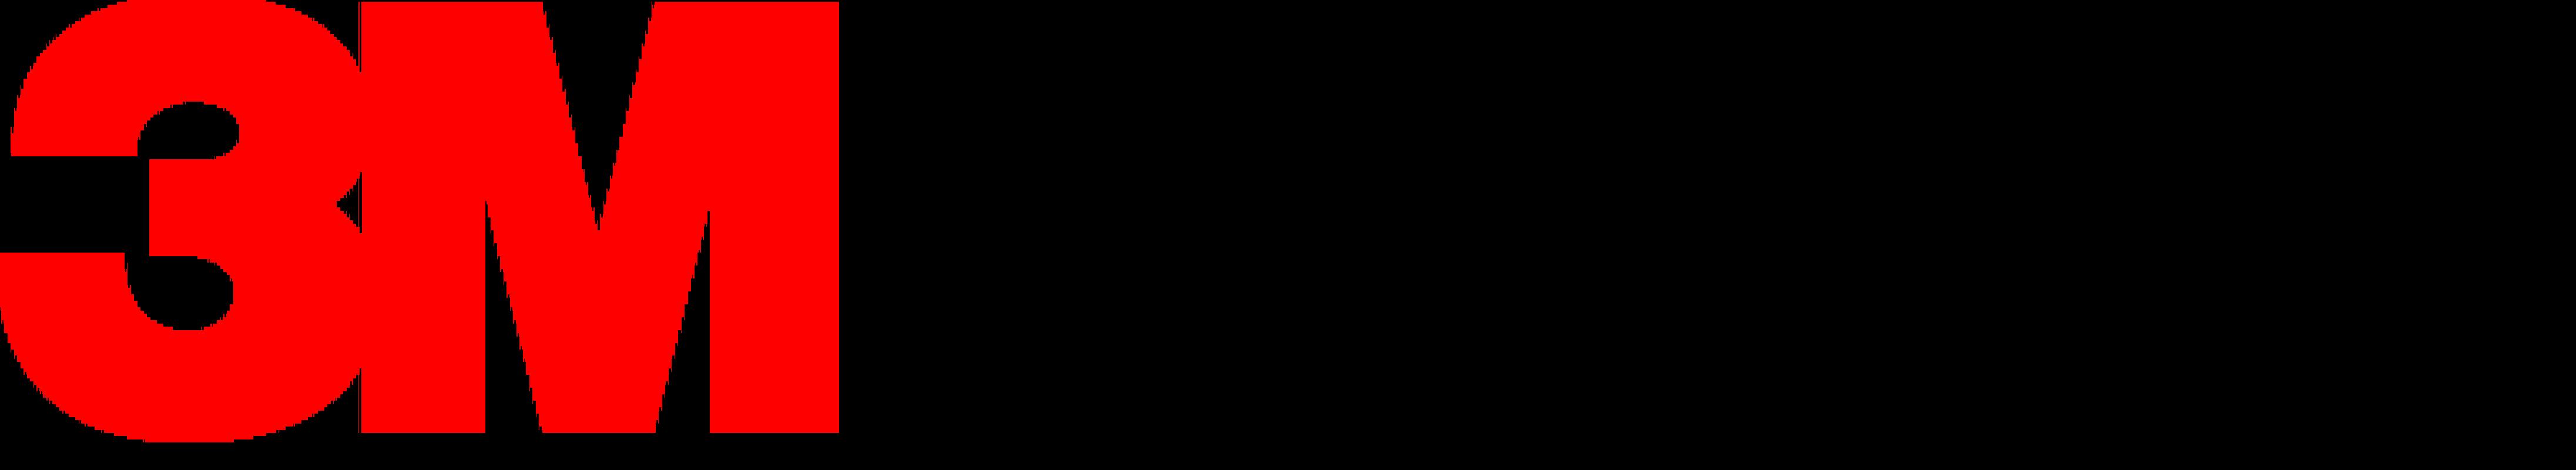 Trifecta 3m 003 lockuplg rgb pos